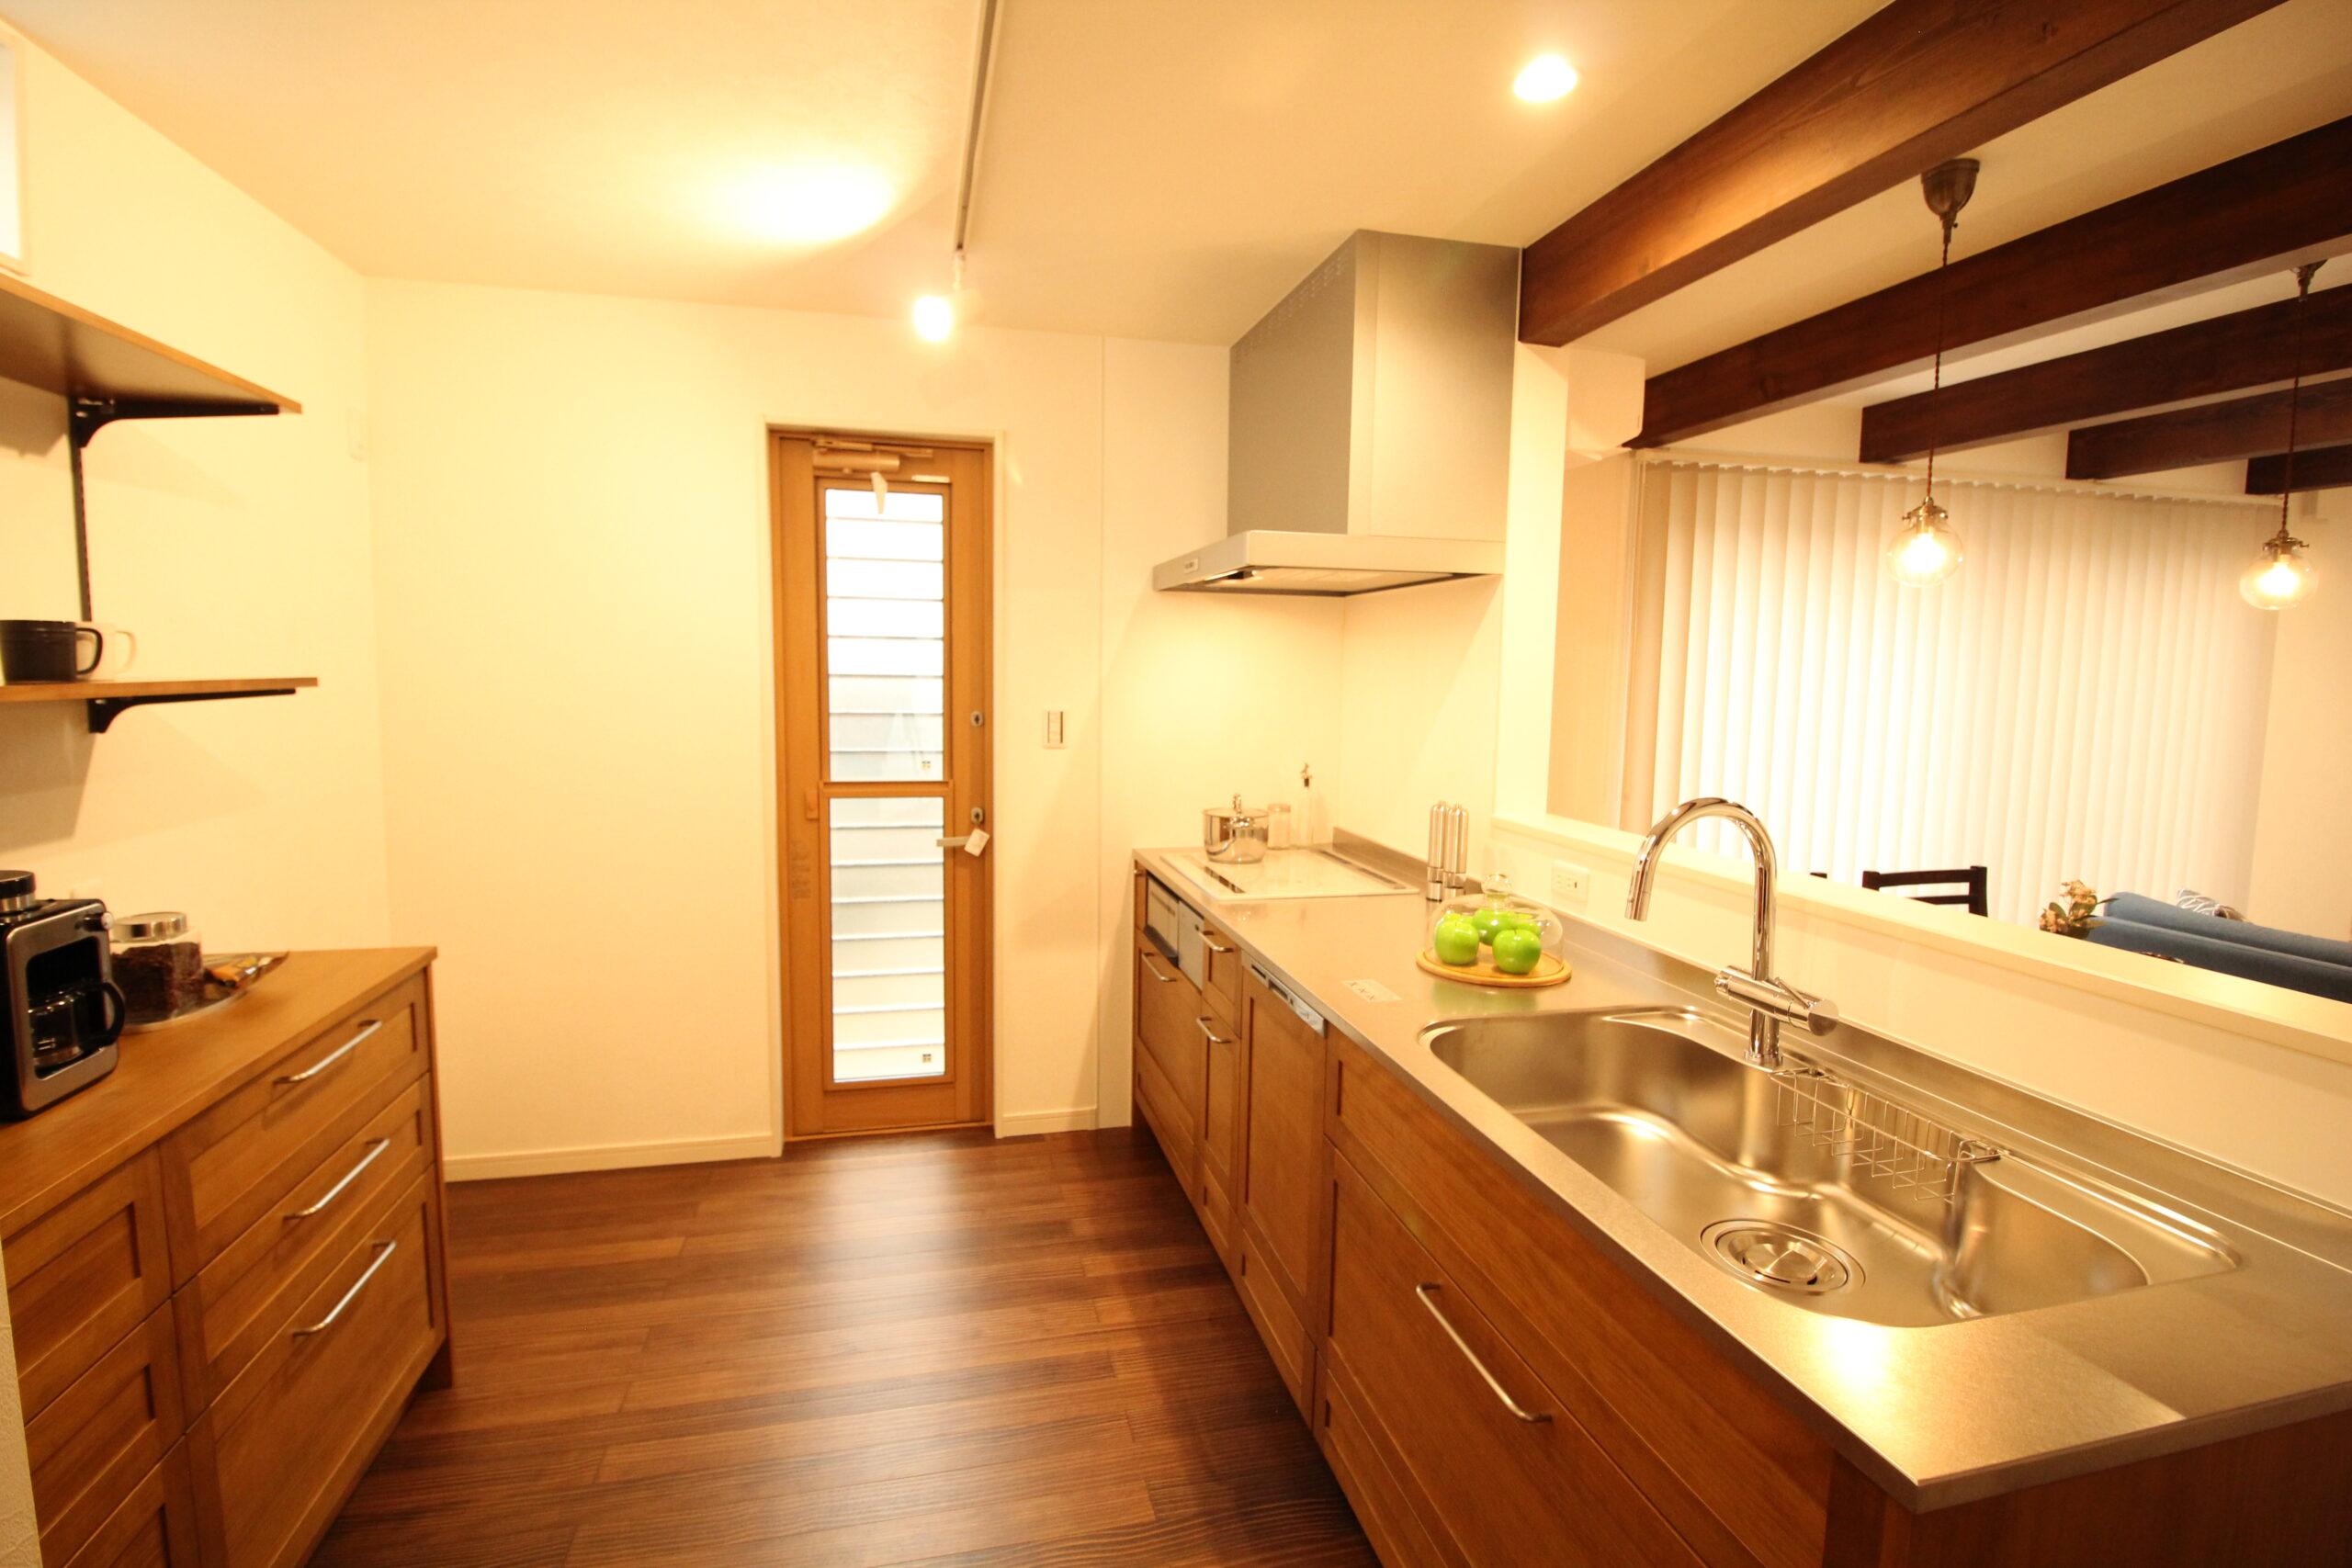 【ご来場可能なモデルハウス🏡】加古川市の築50年の一軒家を全面リノベーション!12